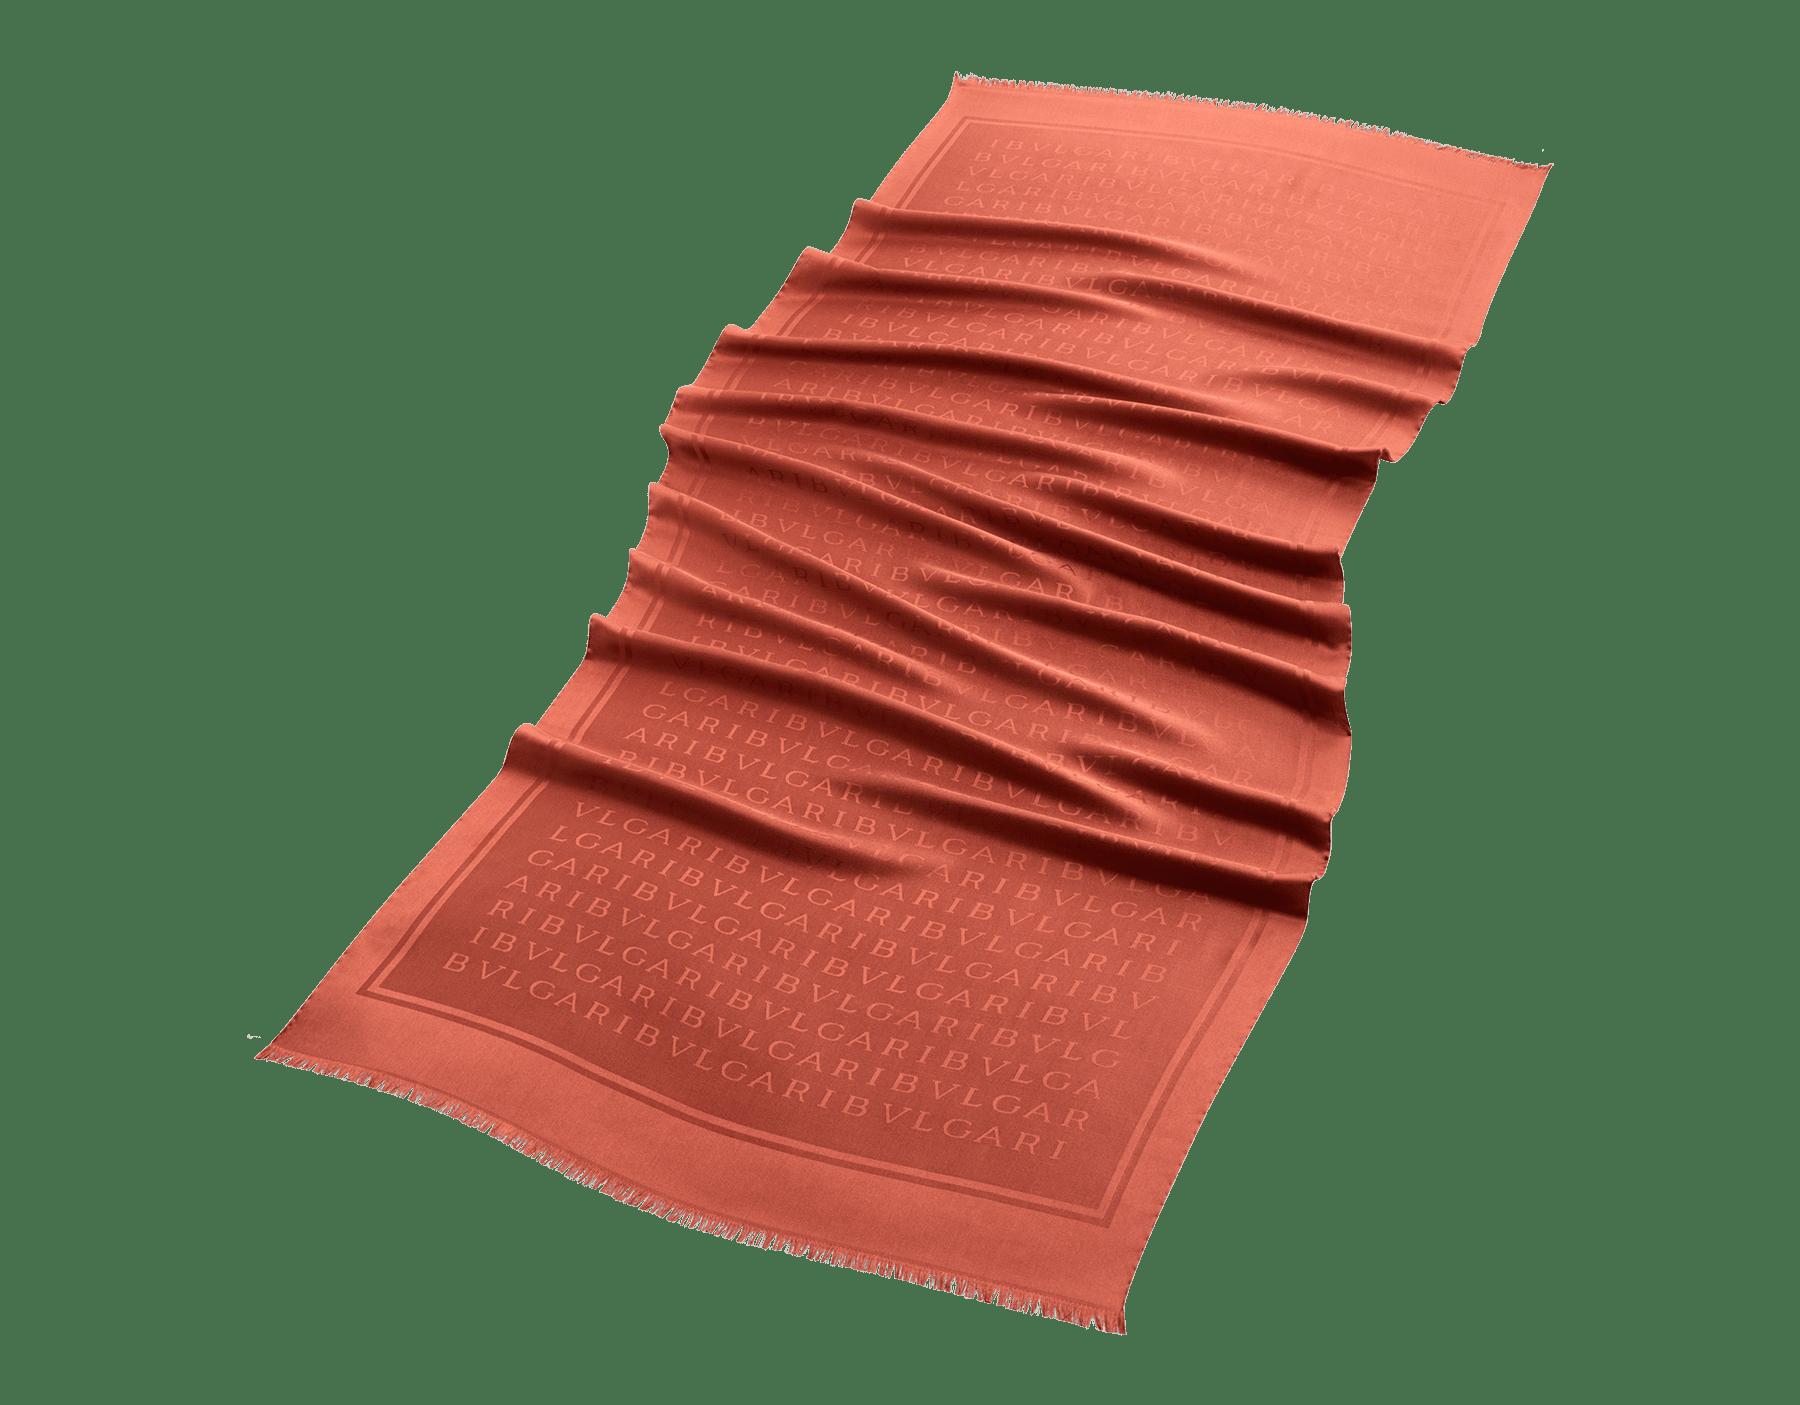 Stola Lettere Maxi Light color topazio imperiale in seta pregiata. 244054 image 2